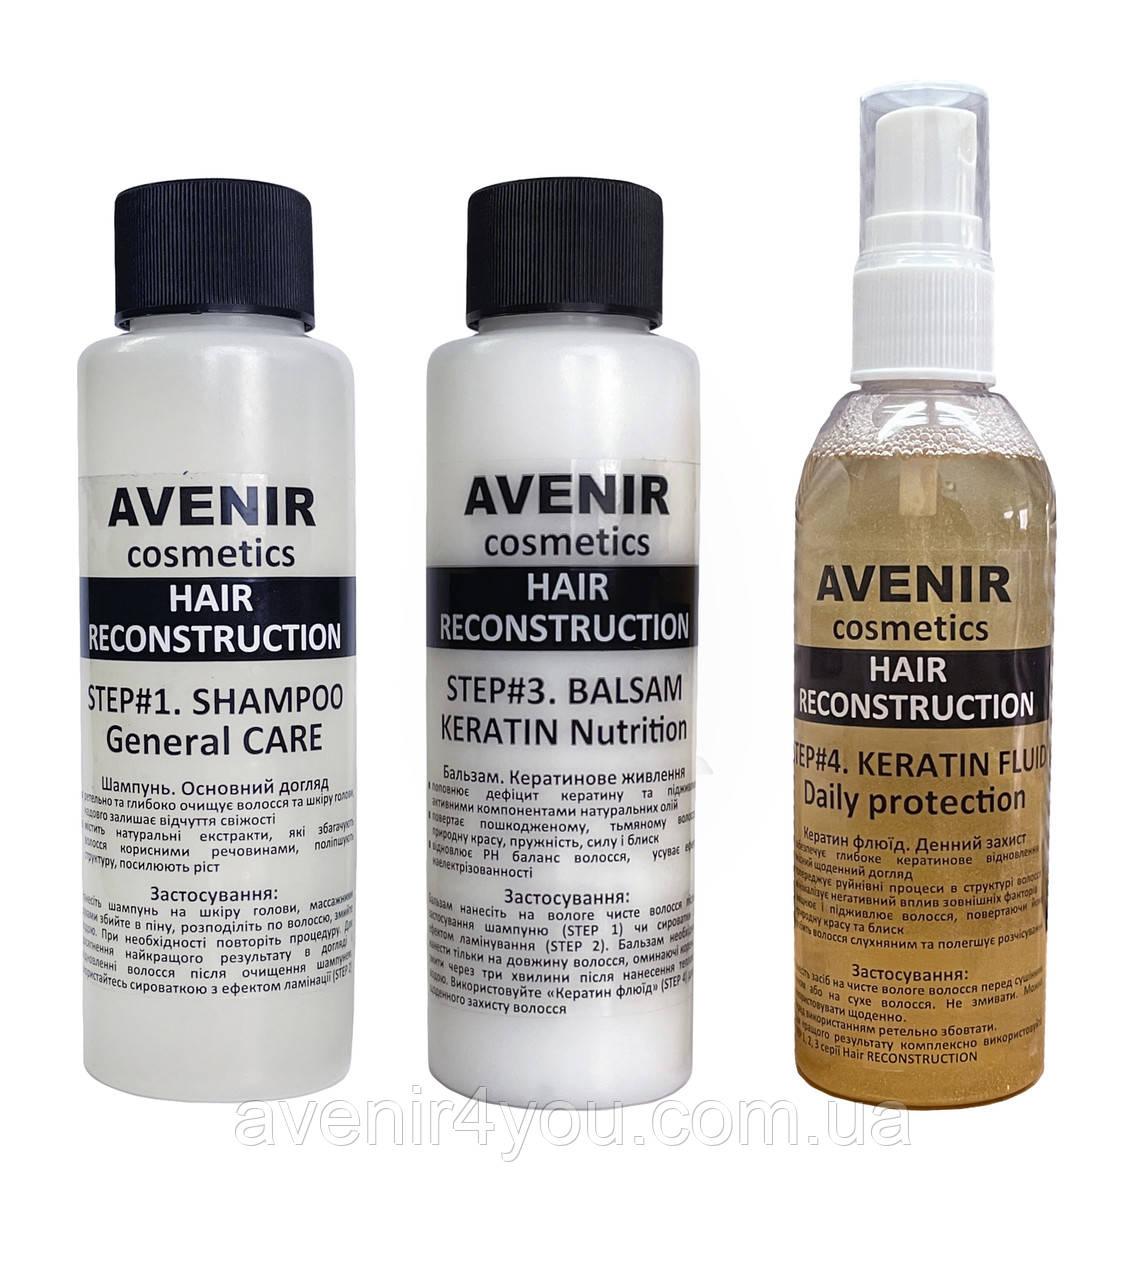 Дорожный набор для ухода за волосами Hair Reconstruction (Шампунь, Бальзам, Флюид)